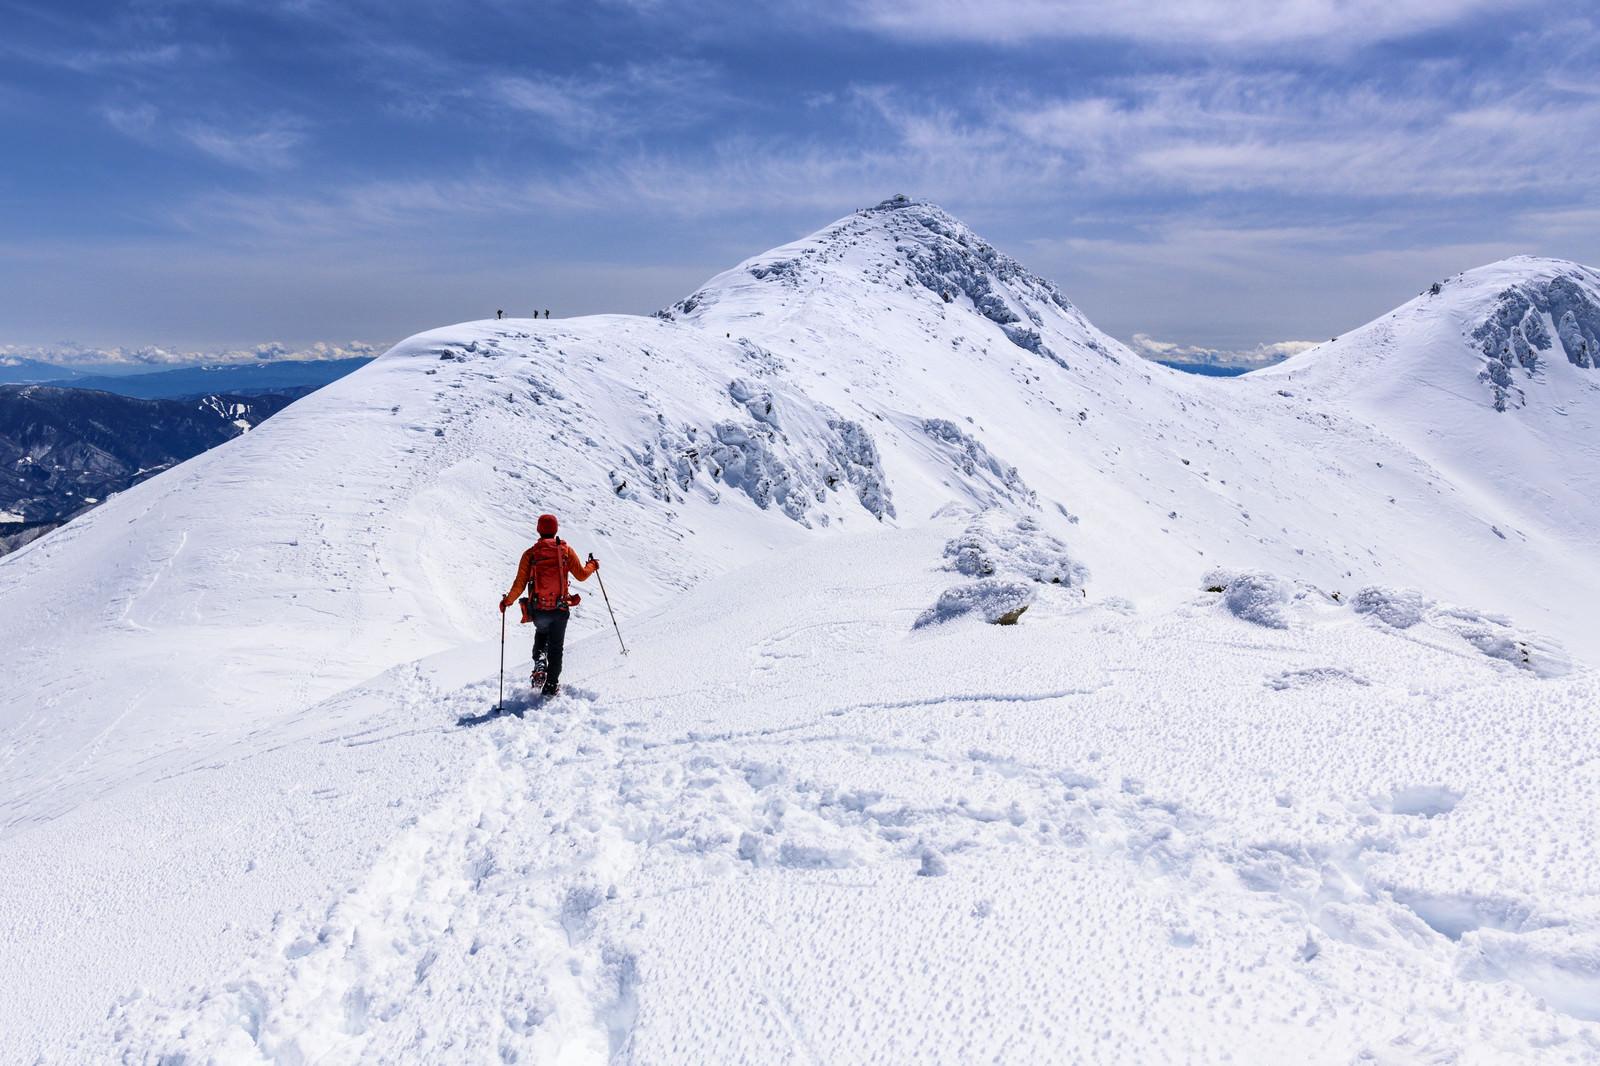 「冬の乗鞍岳を登る赤い登山者」の写真